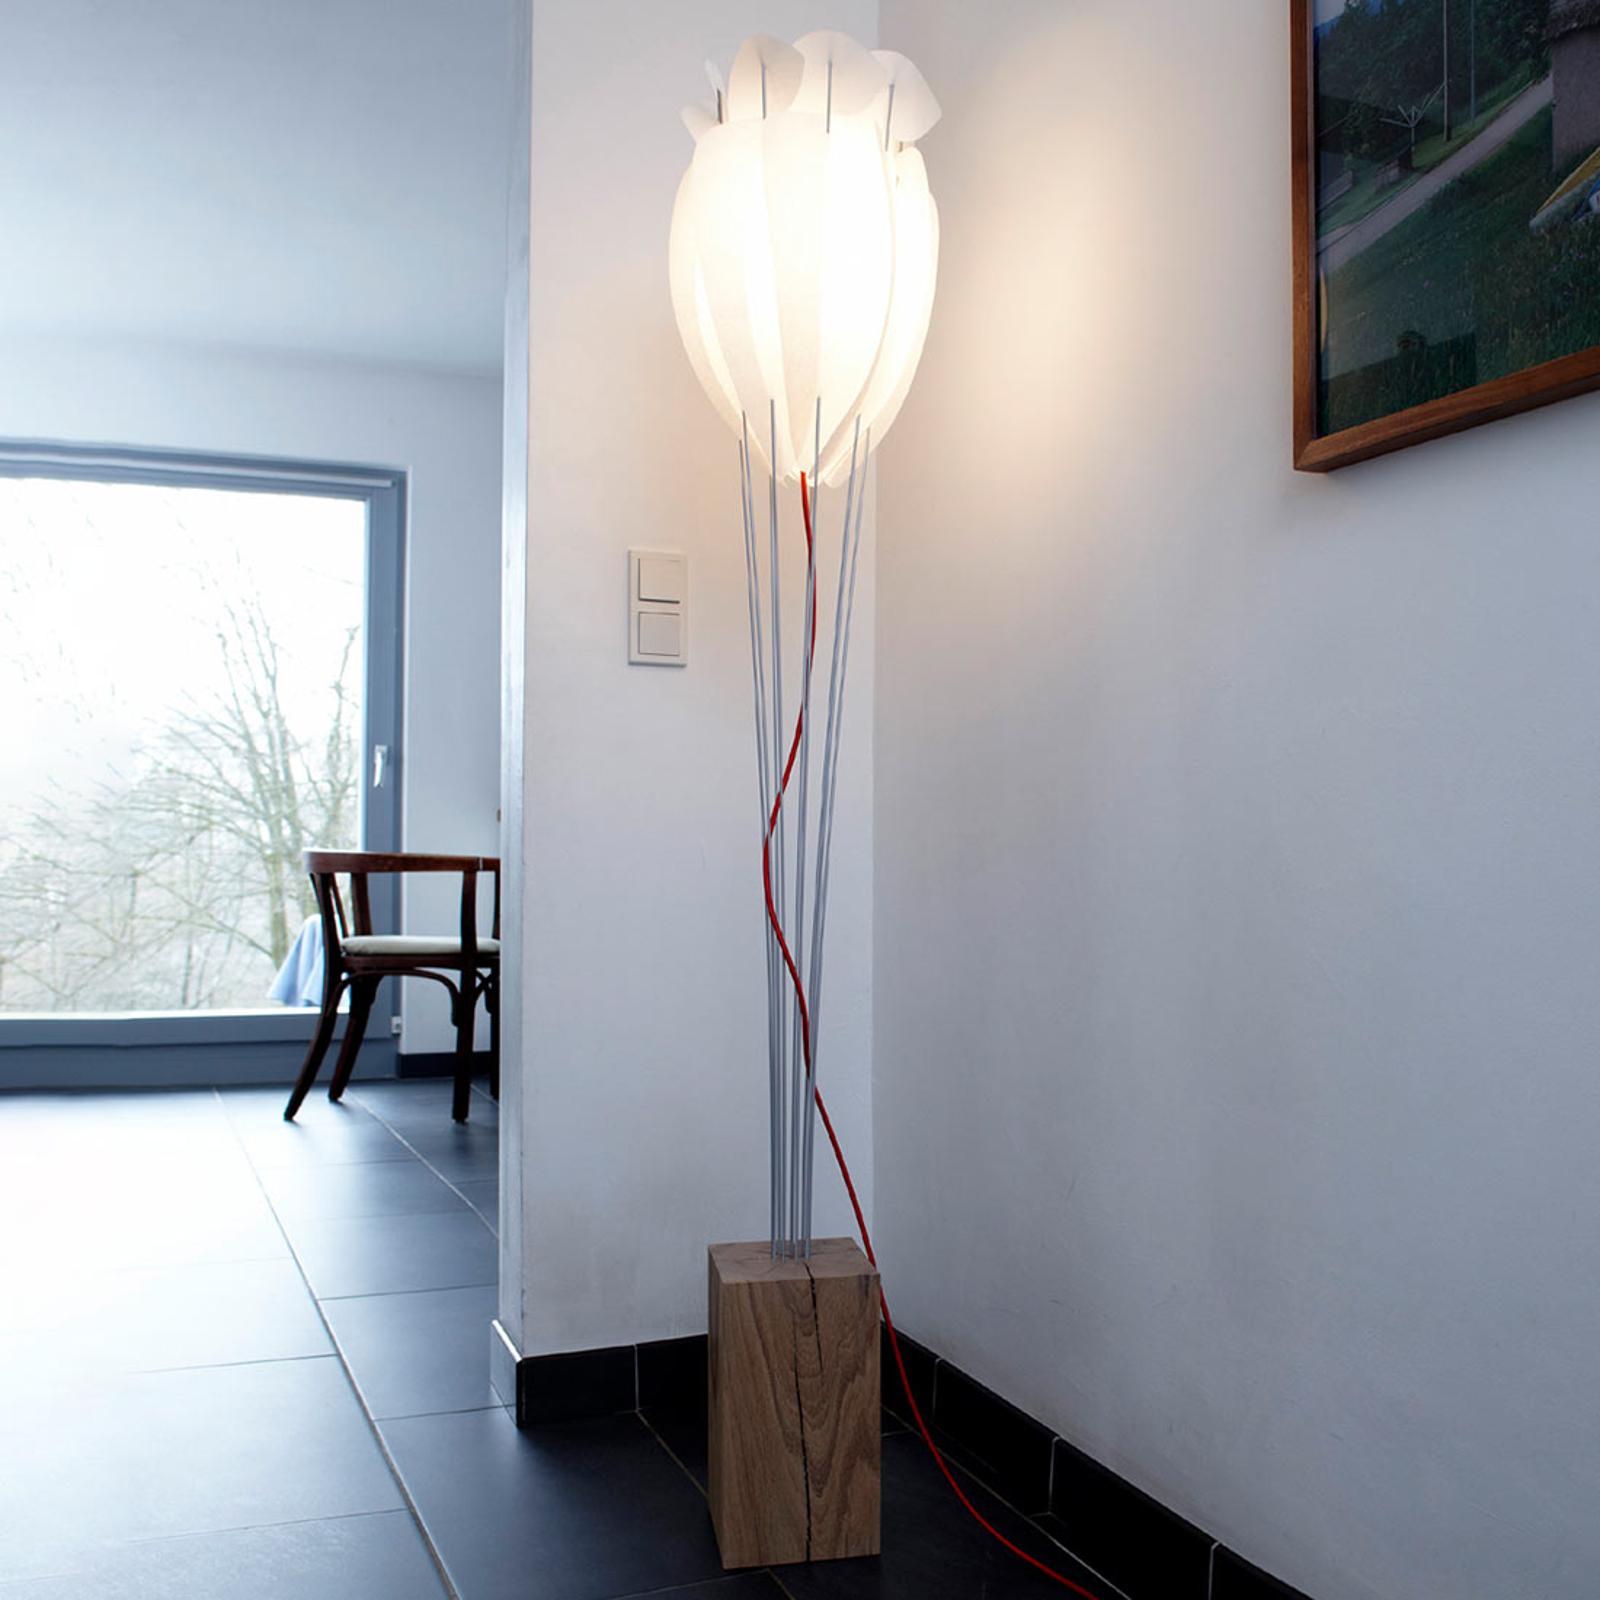 Lampada da pavimento Tulip cavo rosso quercia